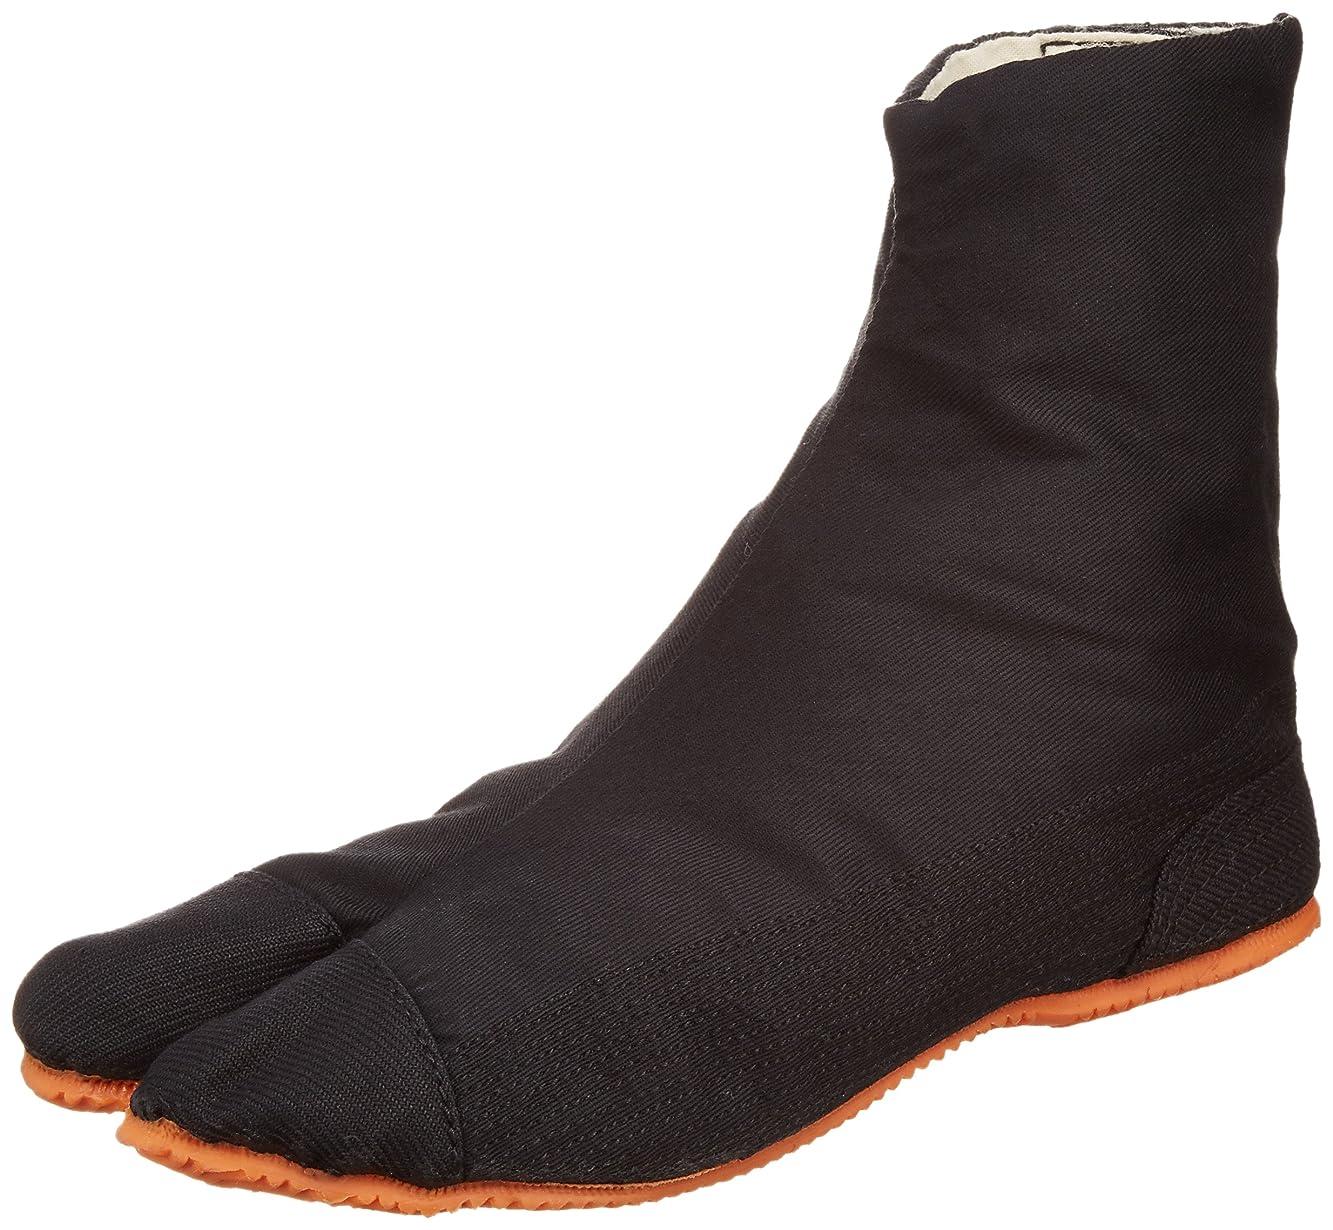 会計影響するゴミ箱を空にする[力王] サンダル/安全靴?作業靴 HJ5MSP メンズ